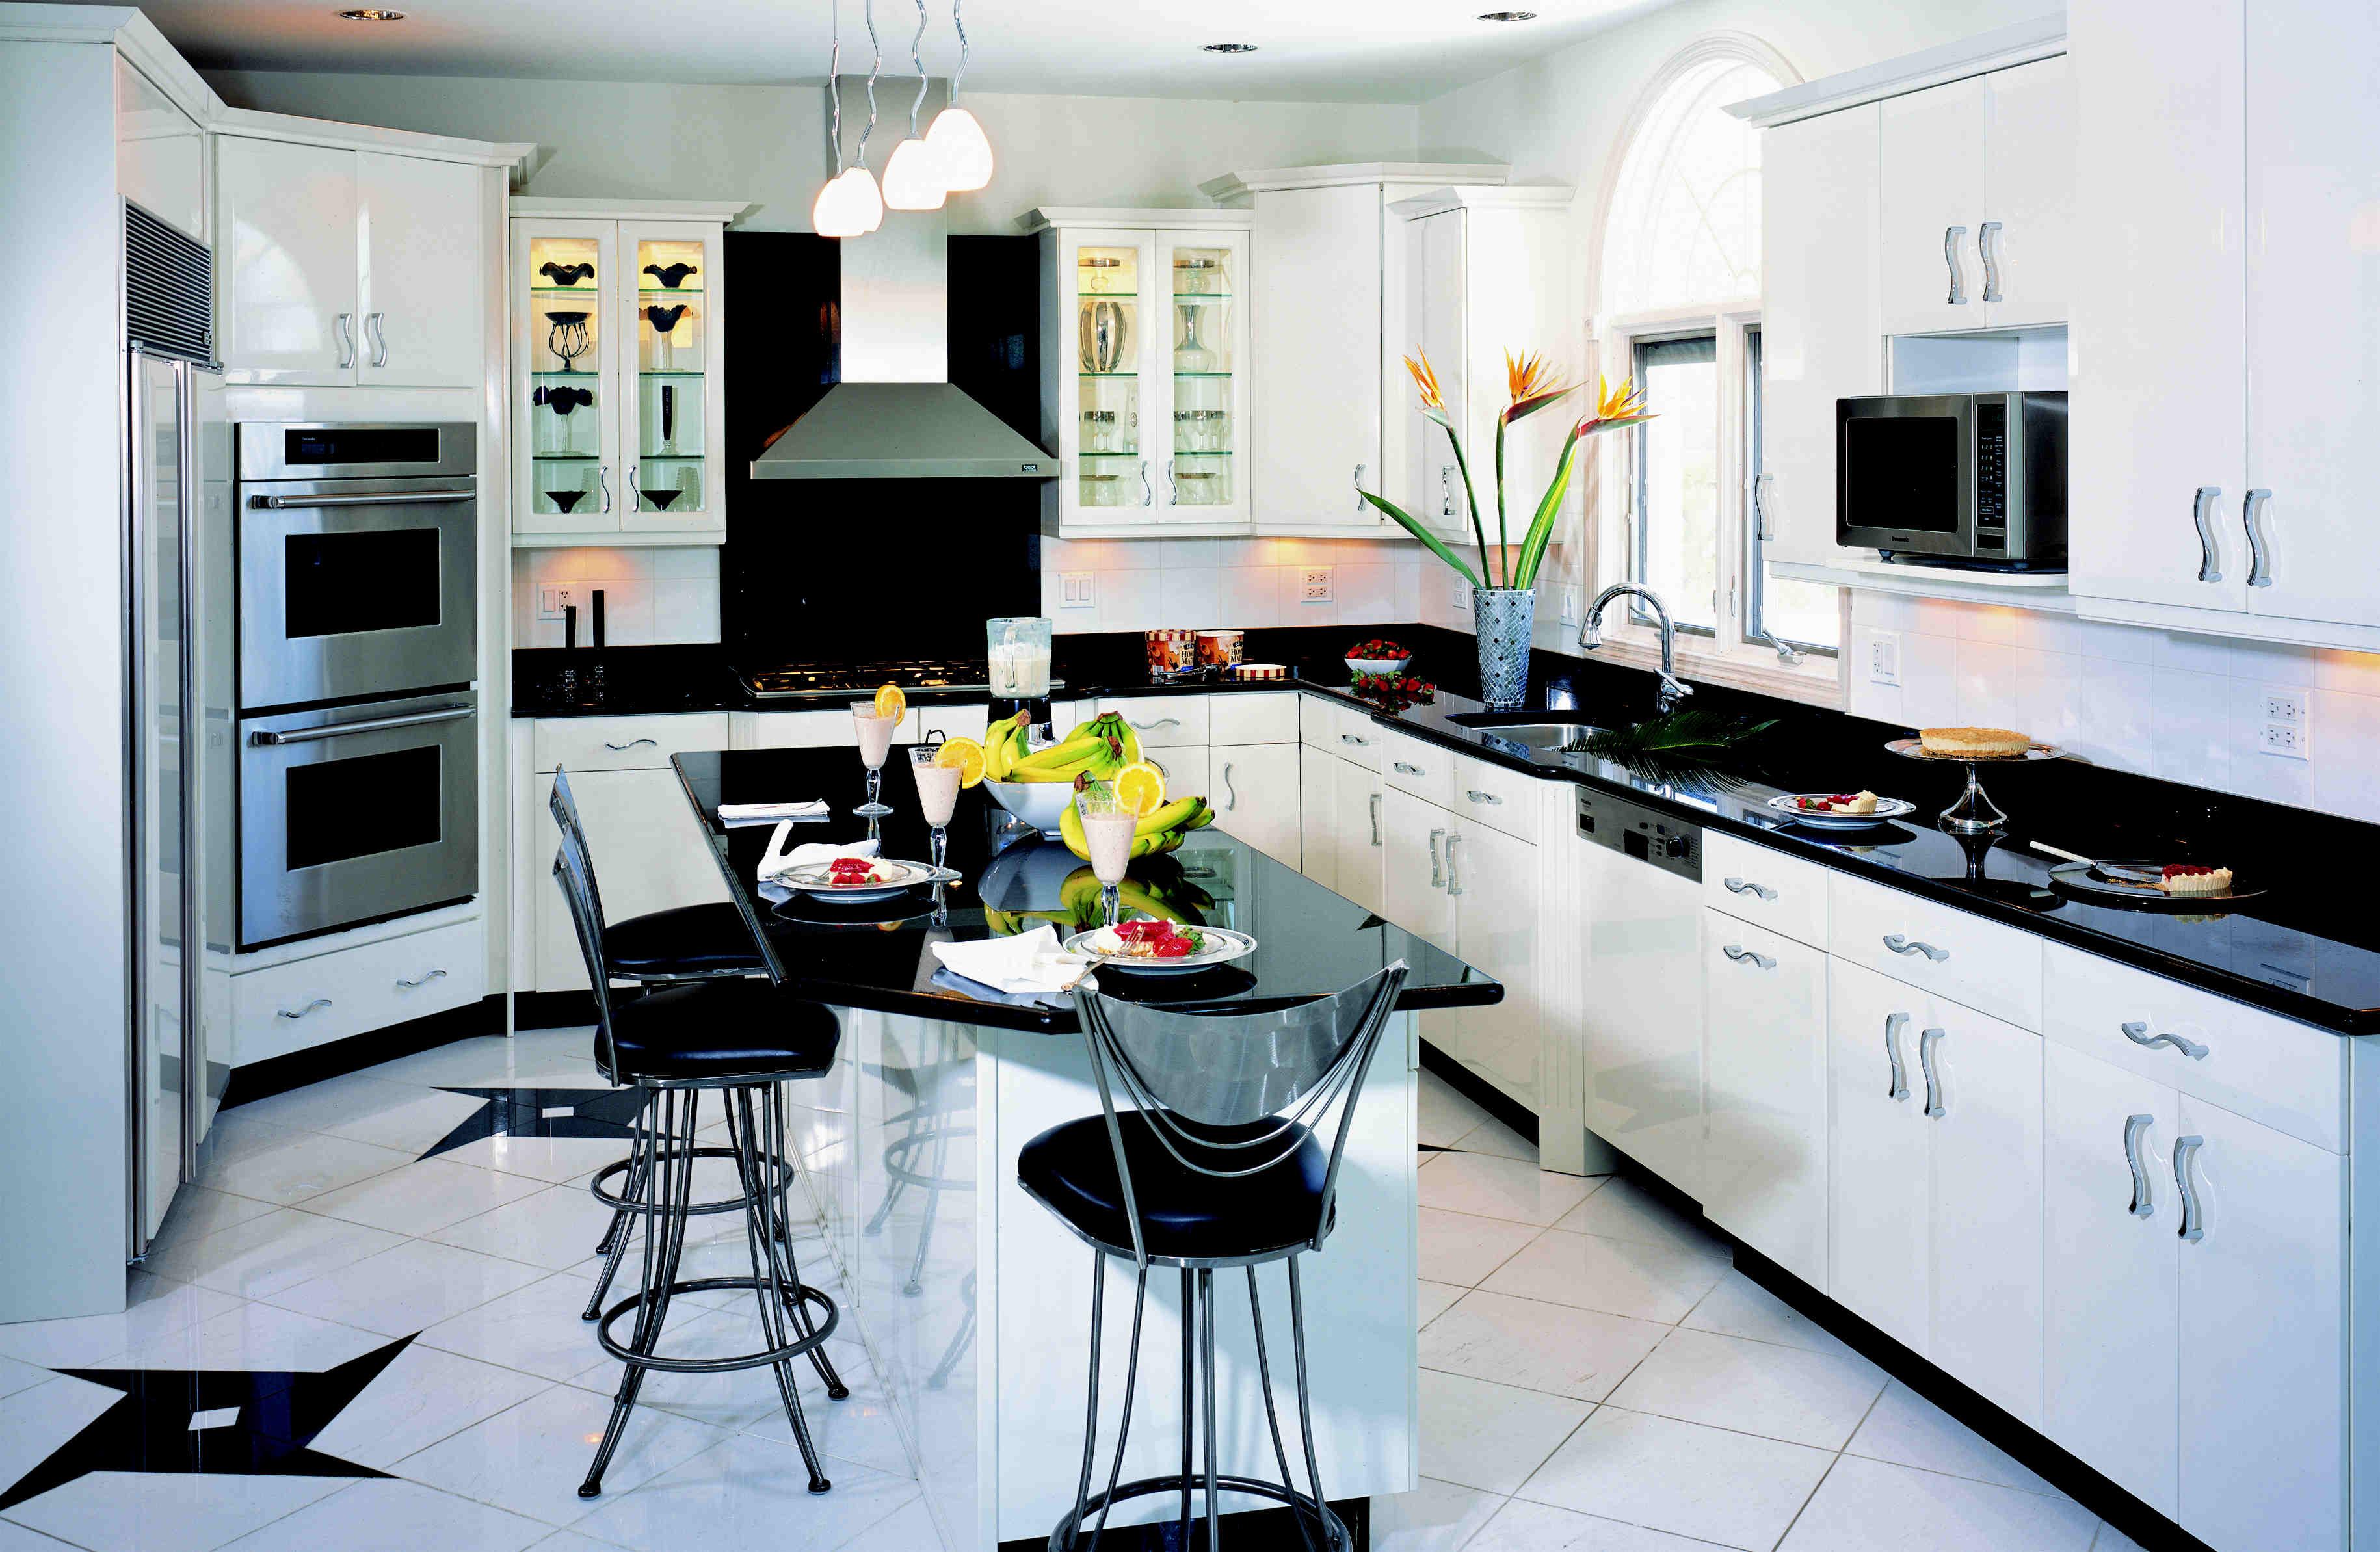 صورة مطبخ كبير راقي